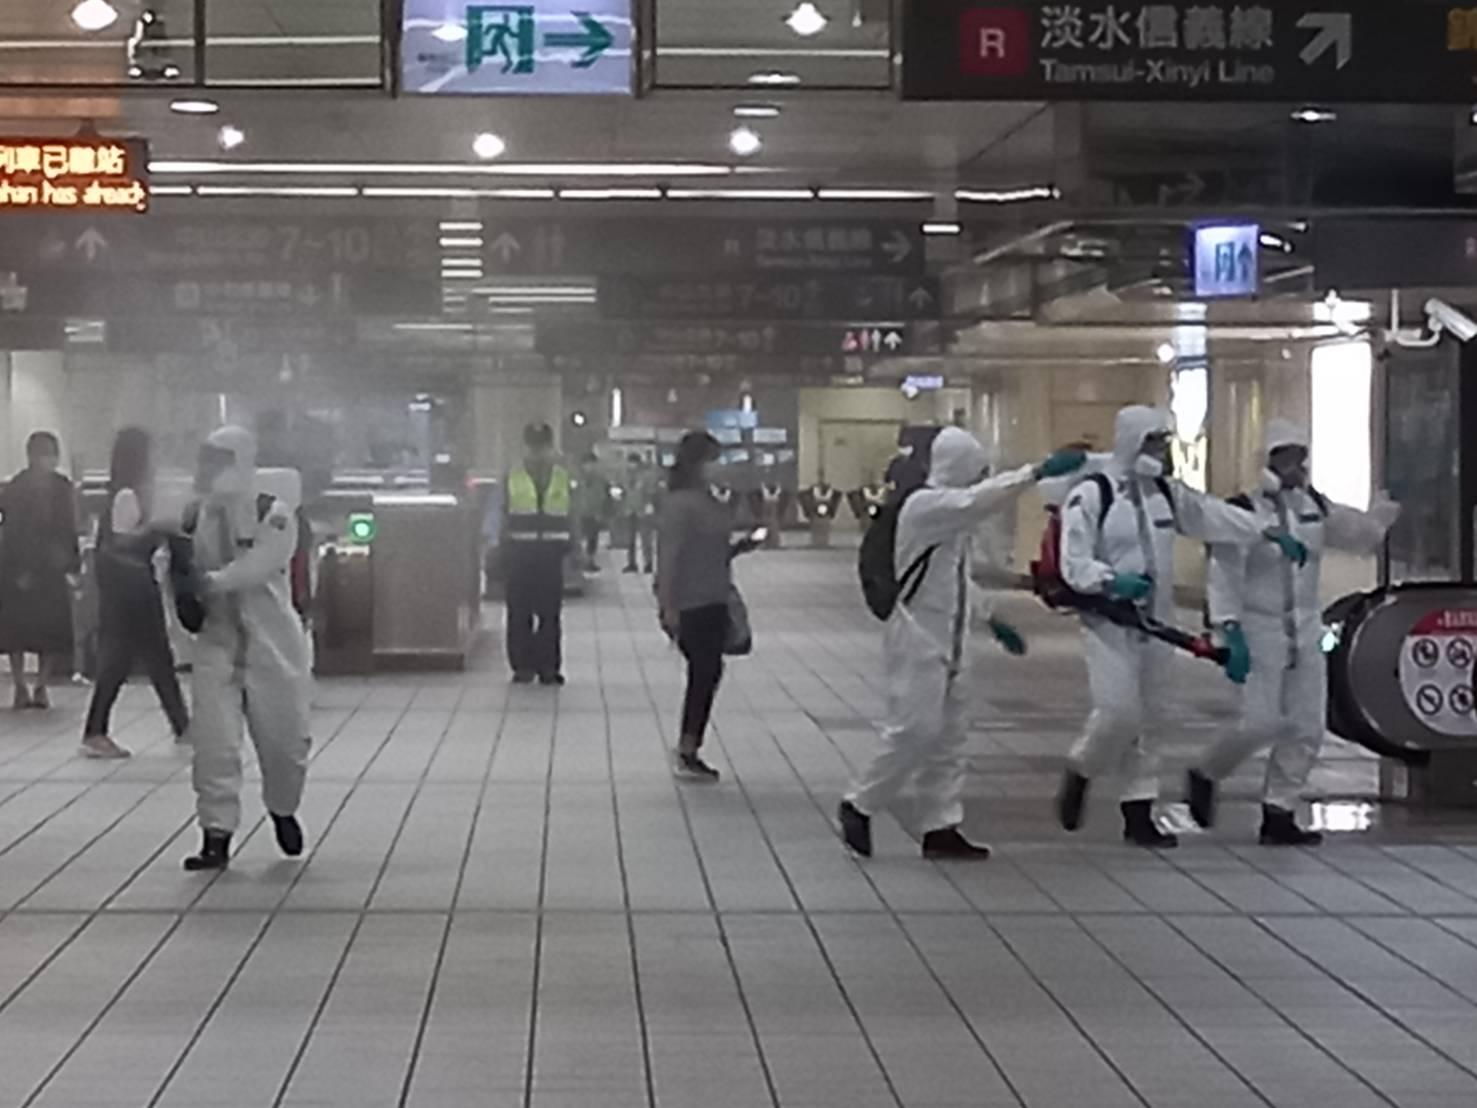 化學兵車站清消照片03